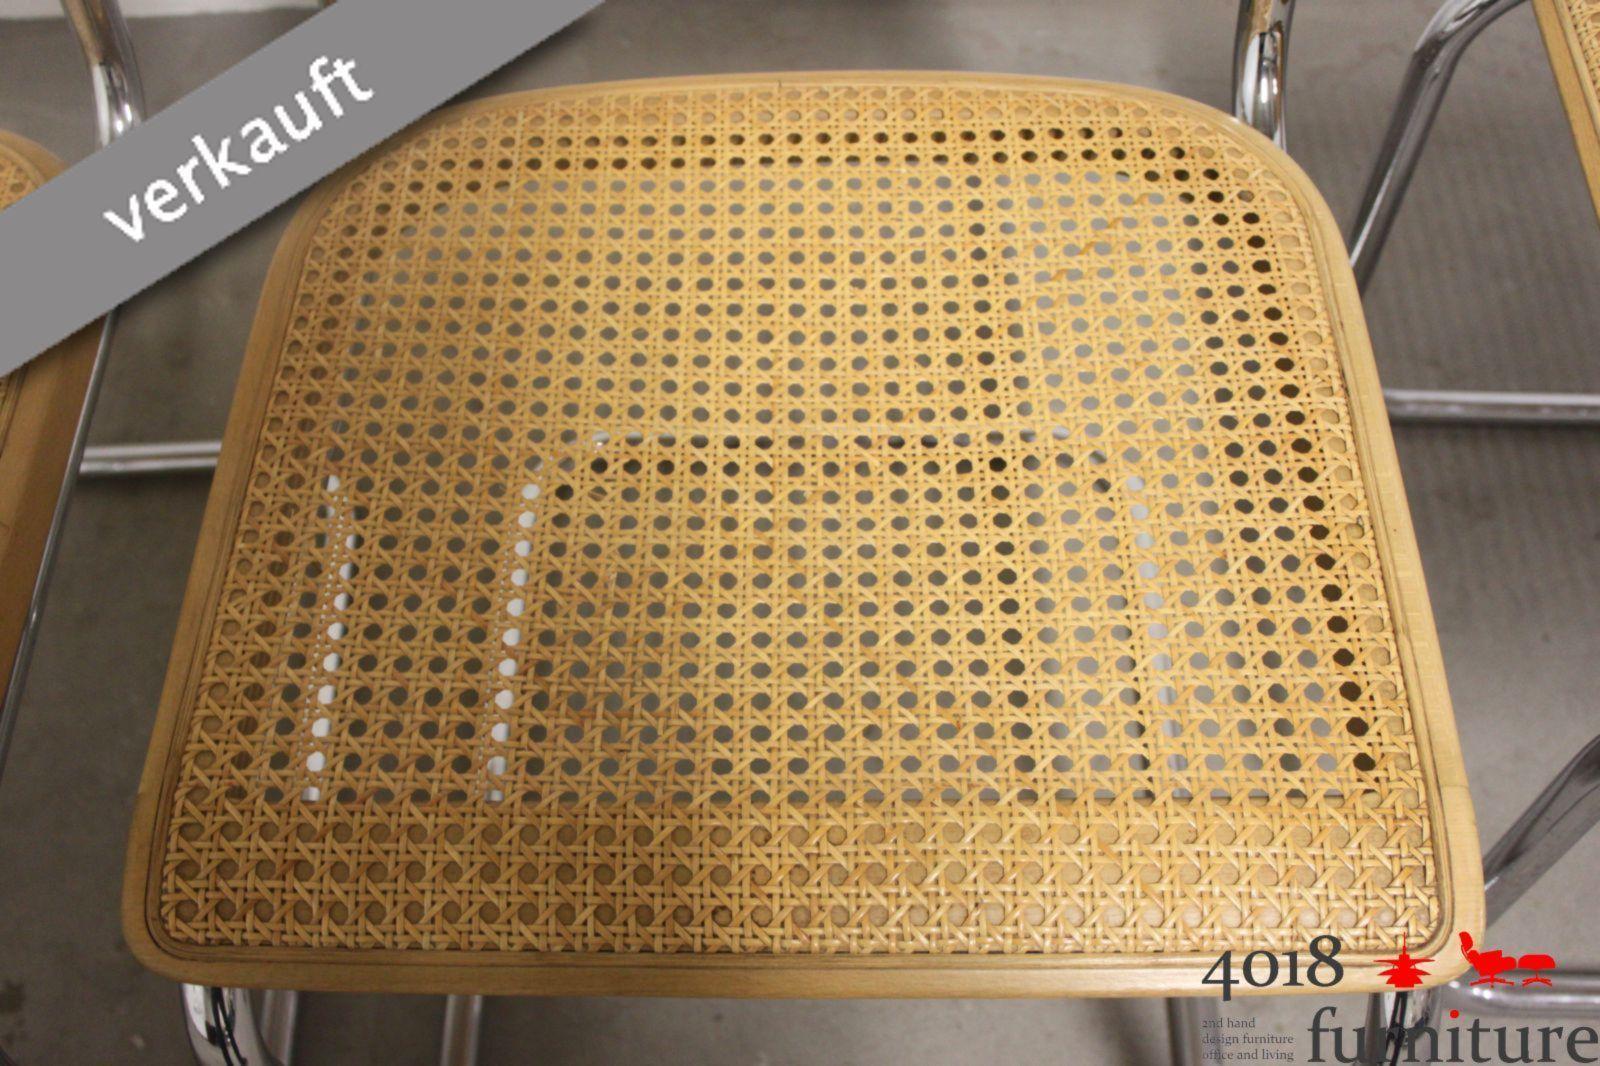 4 x thonet s32 freischwinger buche marcel breuer mart stam. Black Bedroom Furniture Sets. Home Design Ideas